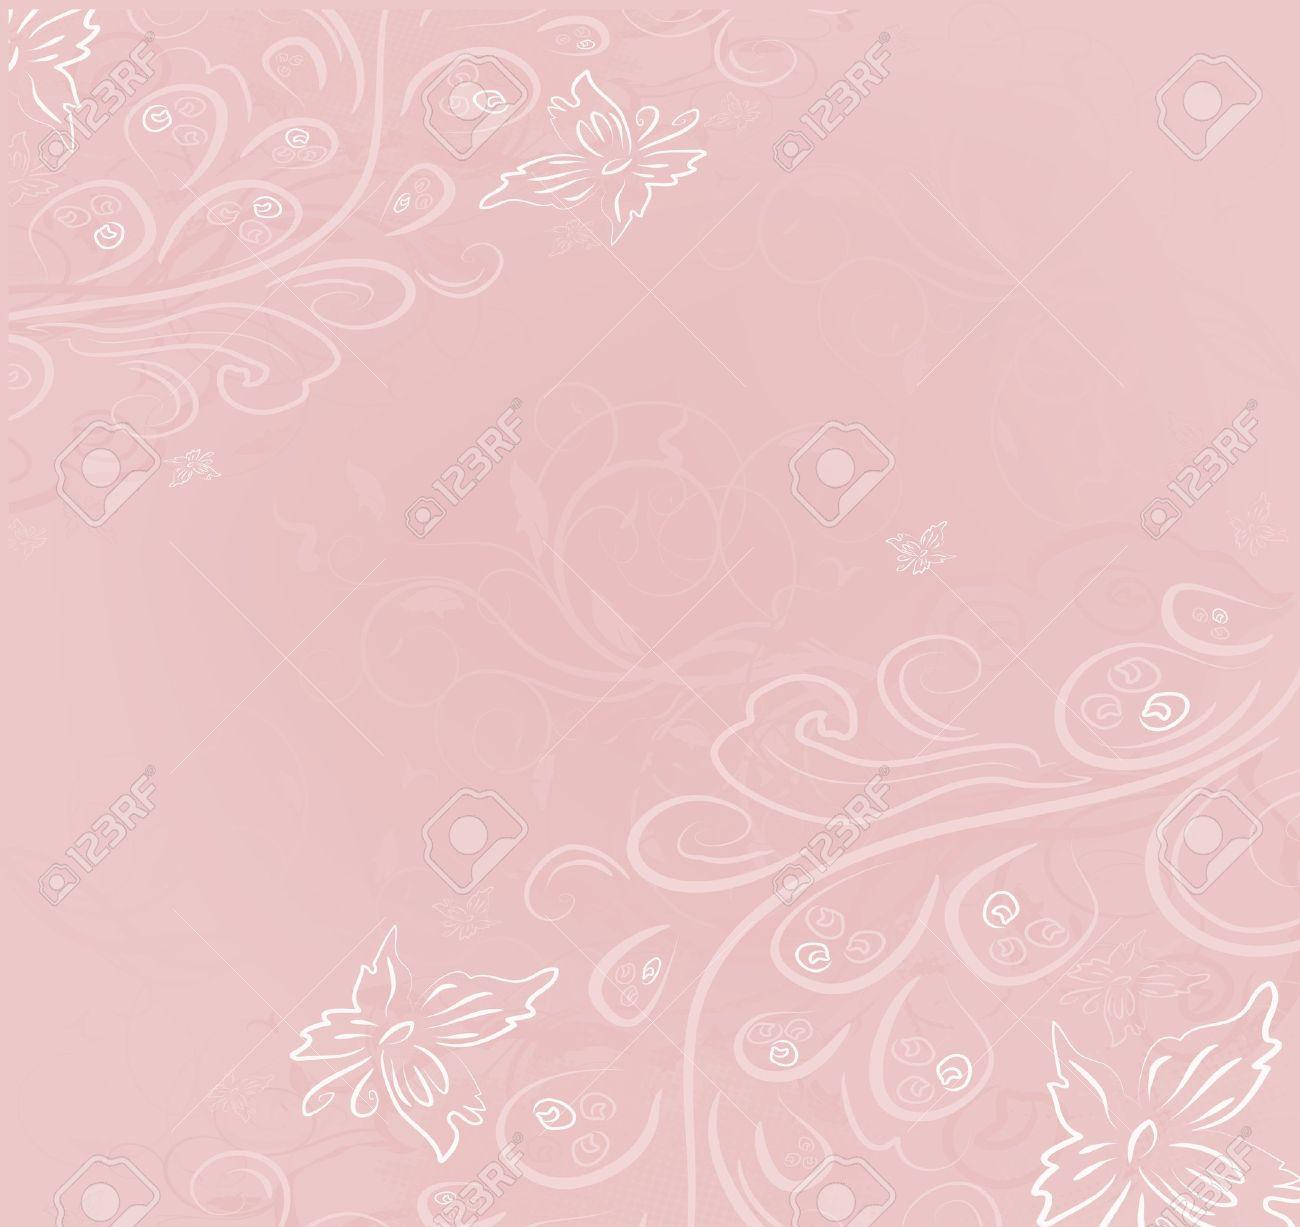 Design vector ornate vintage background - 12866416